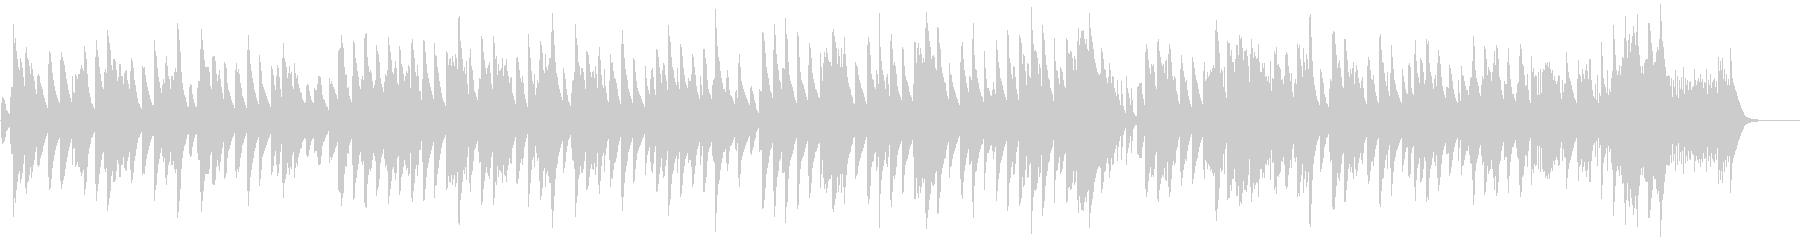 ショパン夜想曲5番のアンサンブルの未再生の波形